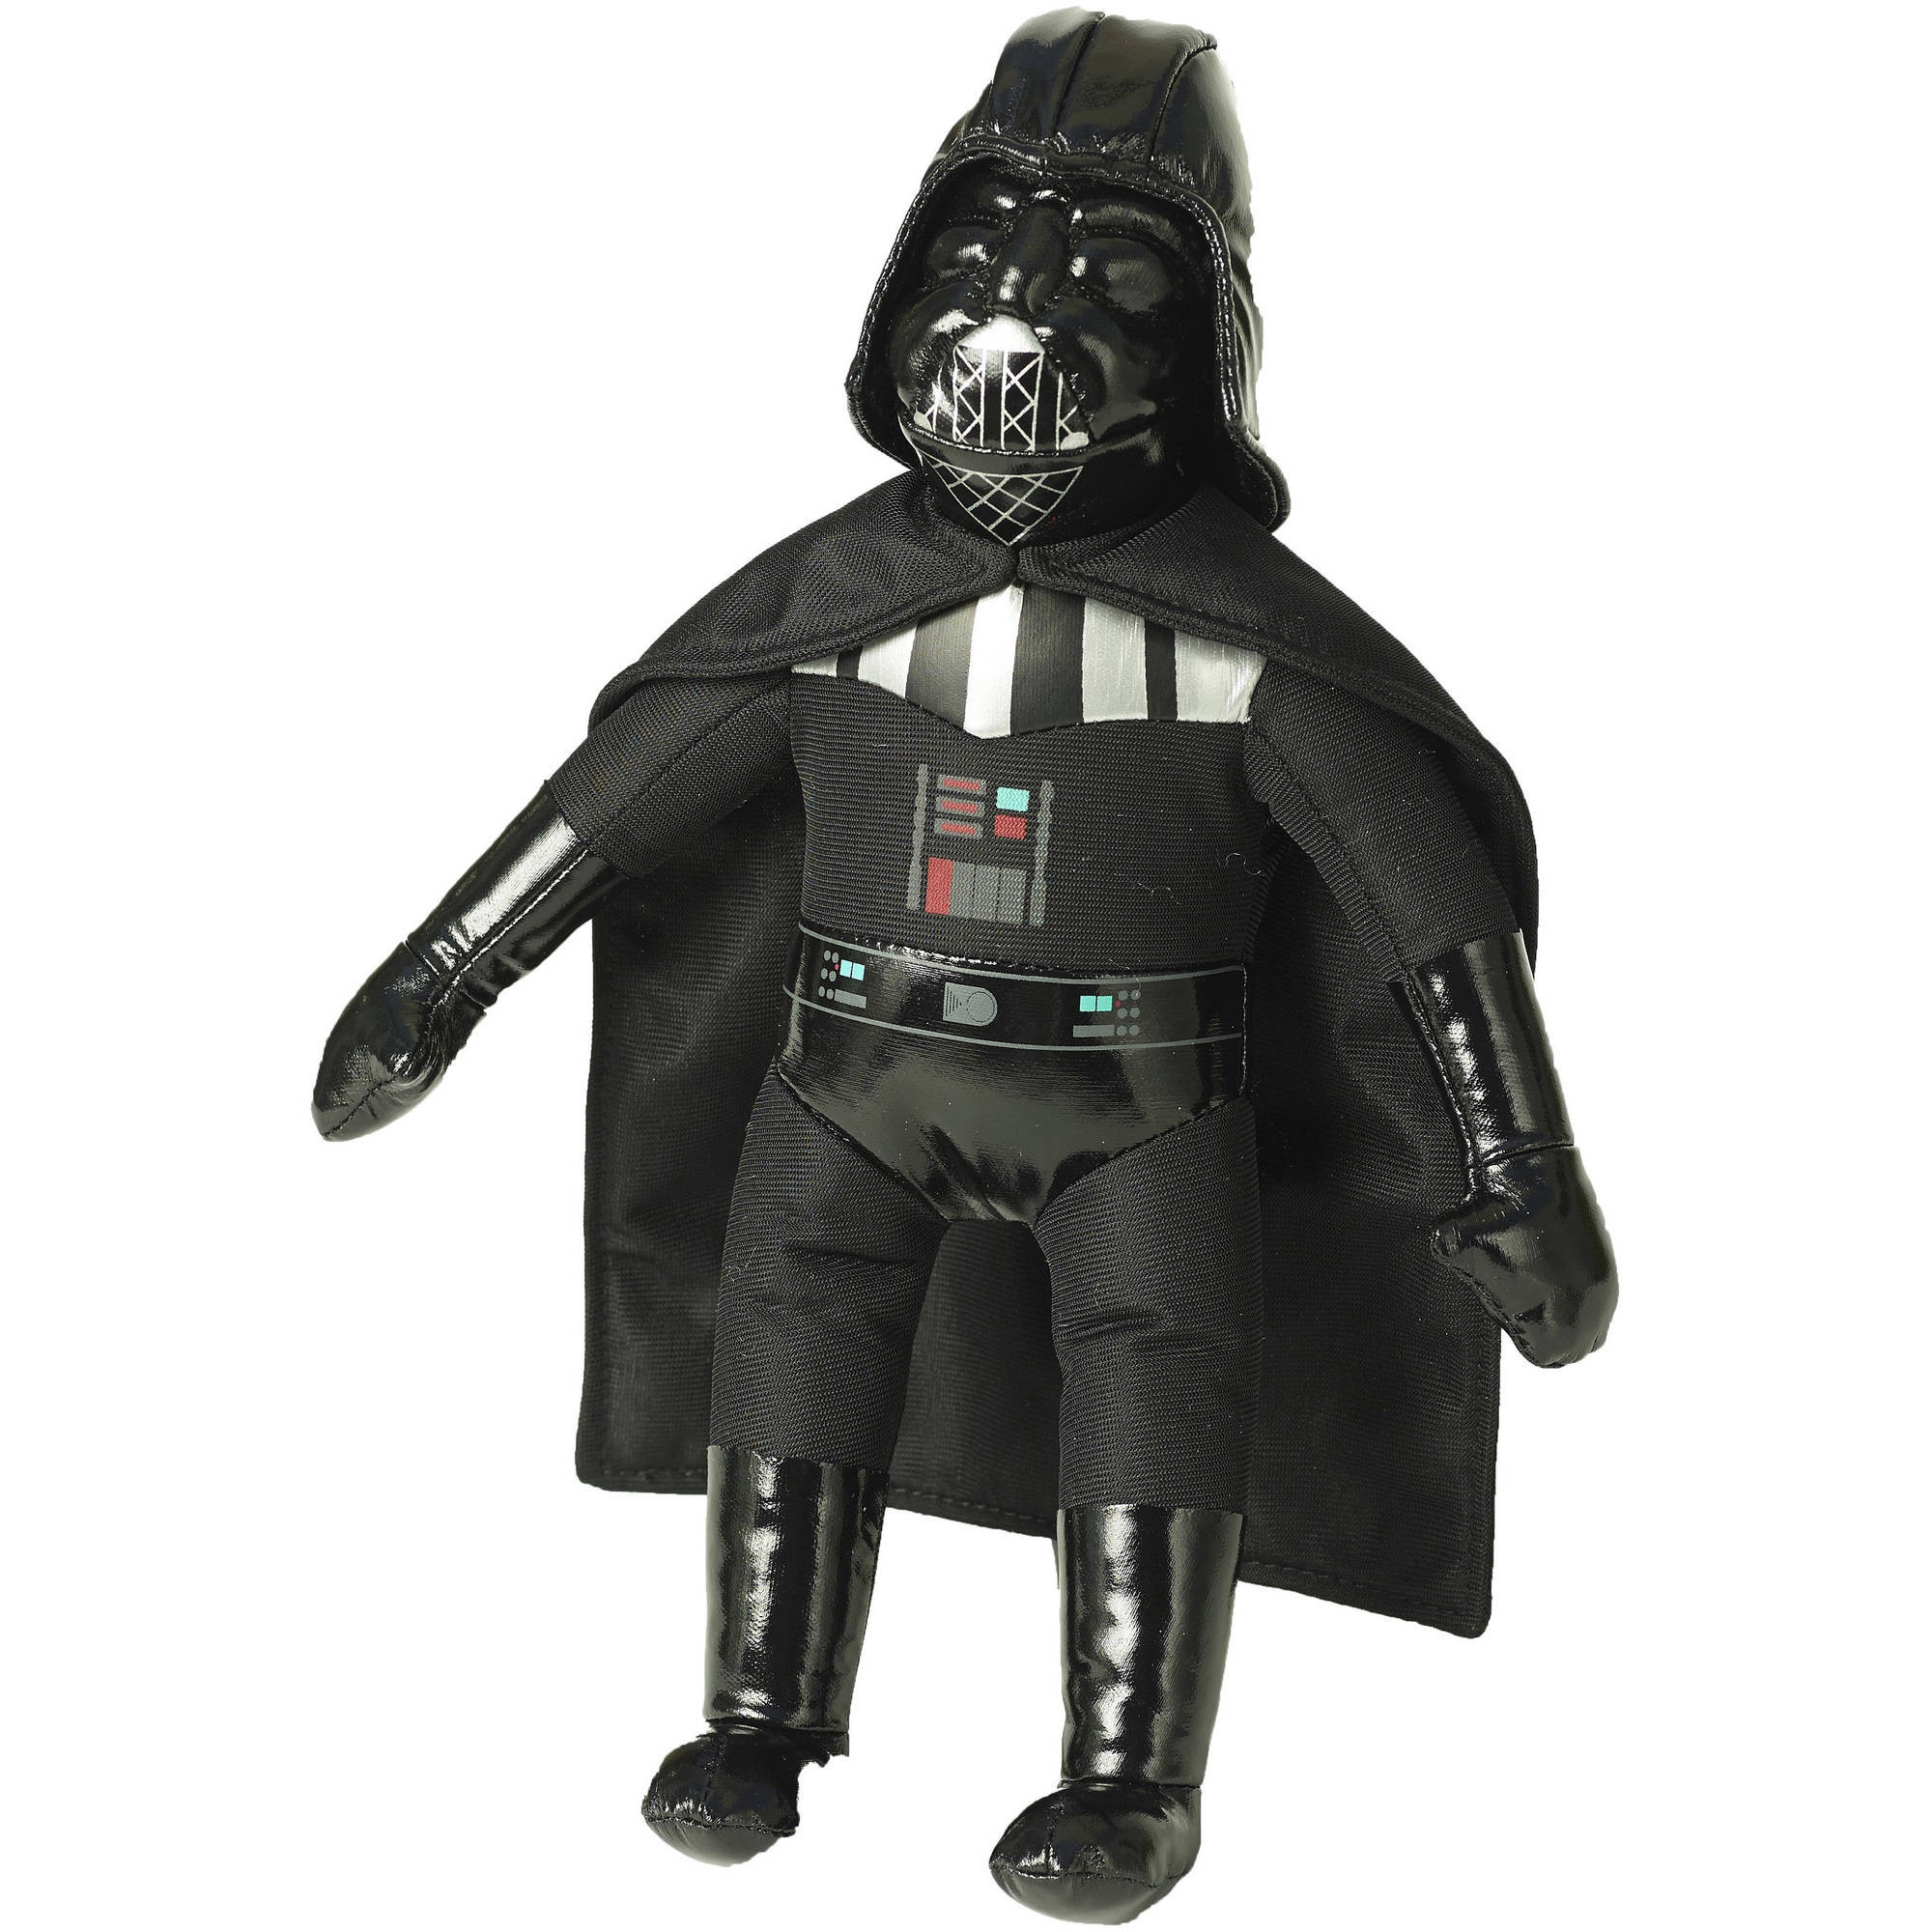 """Star Wars con cremallera 12"""" peluche, Darth Vader-875598668594-0"""